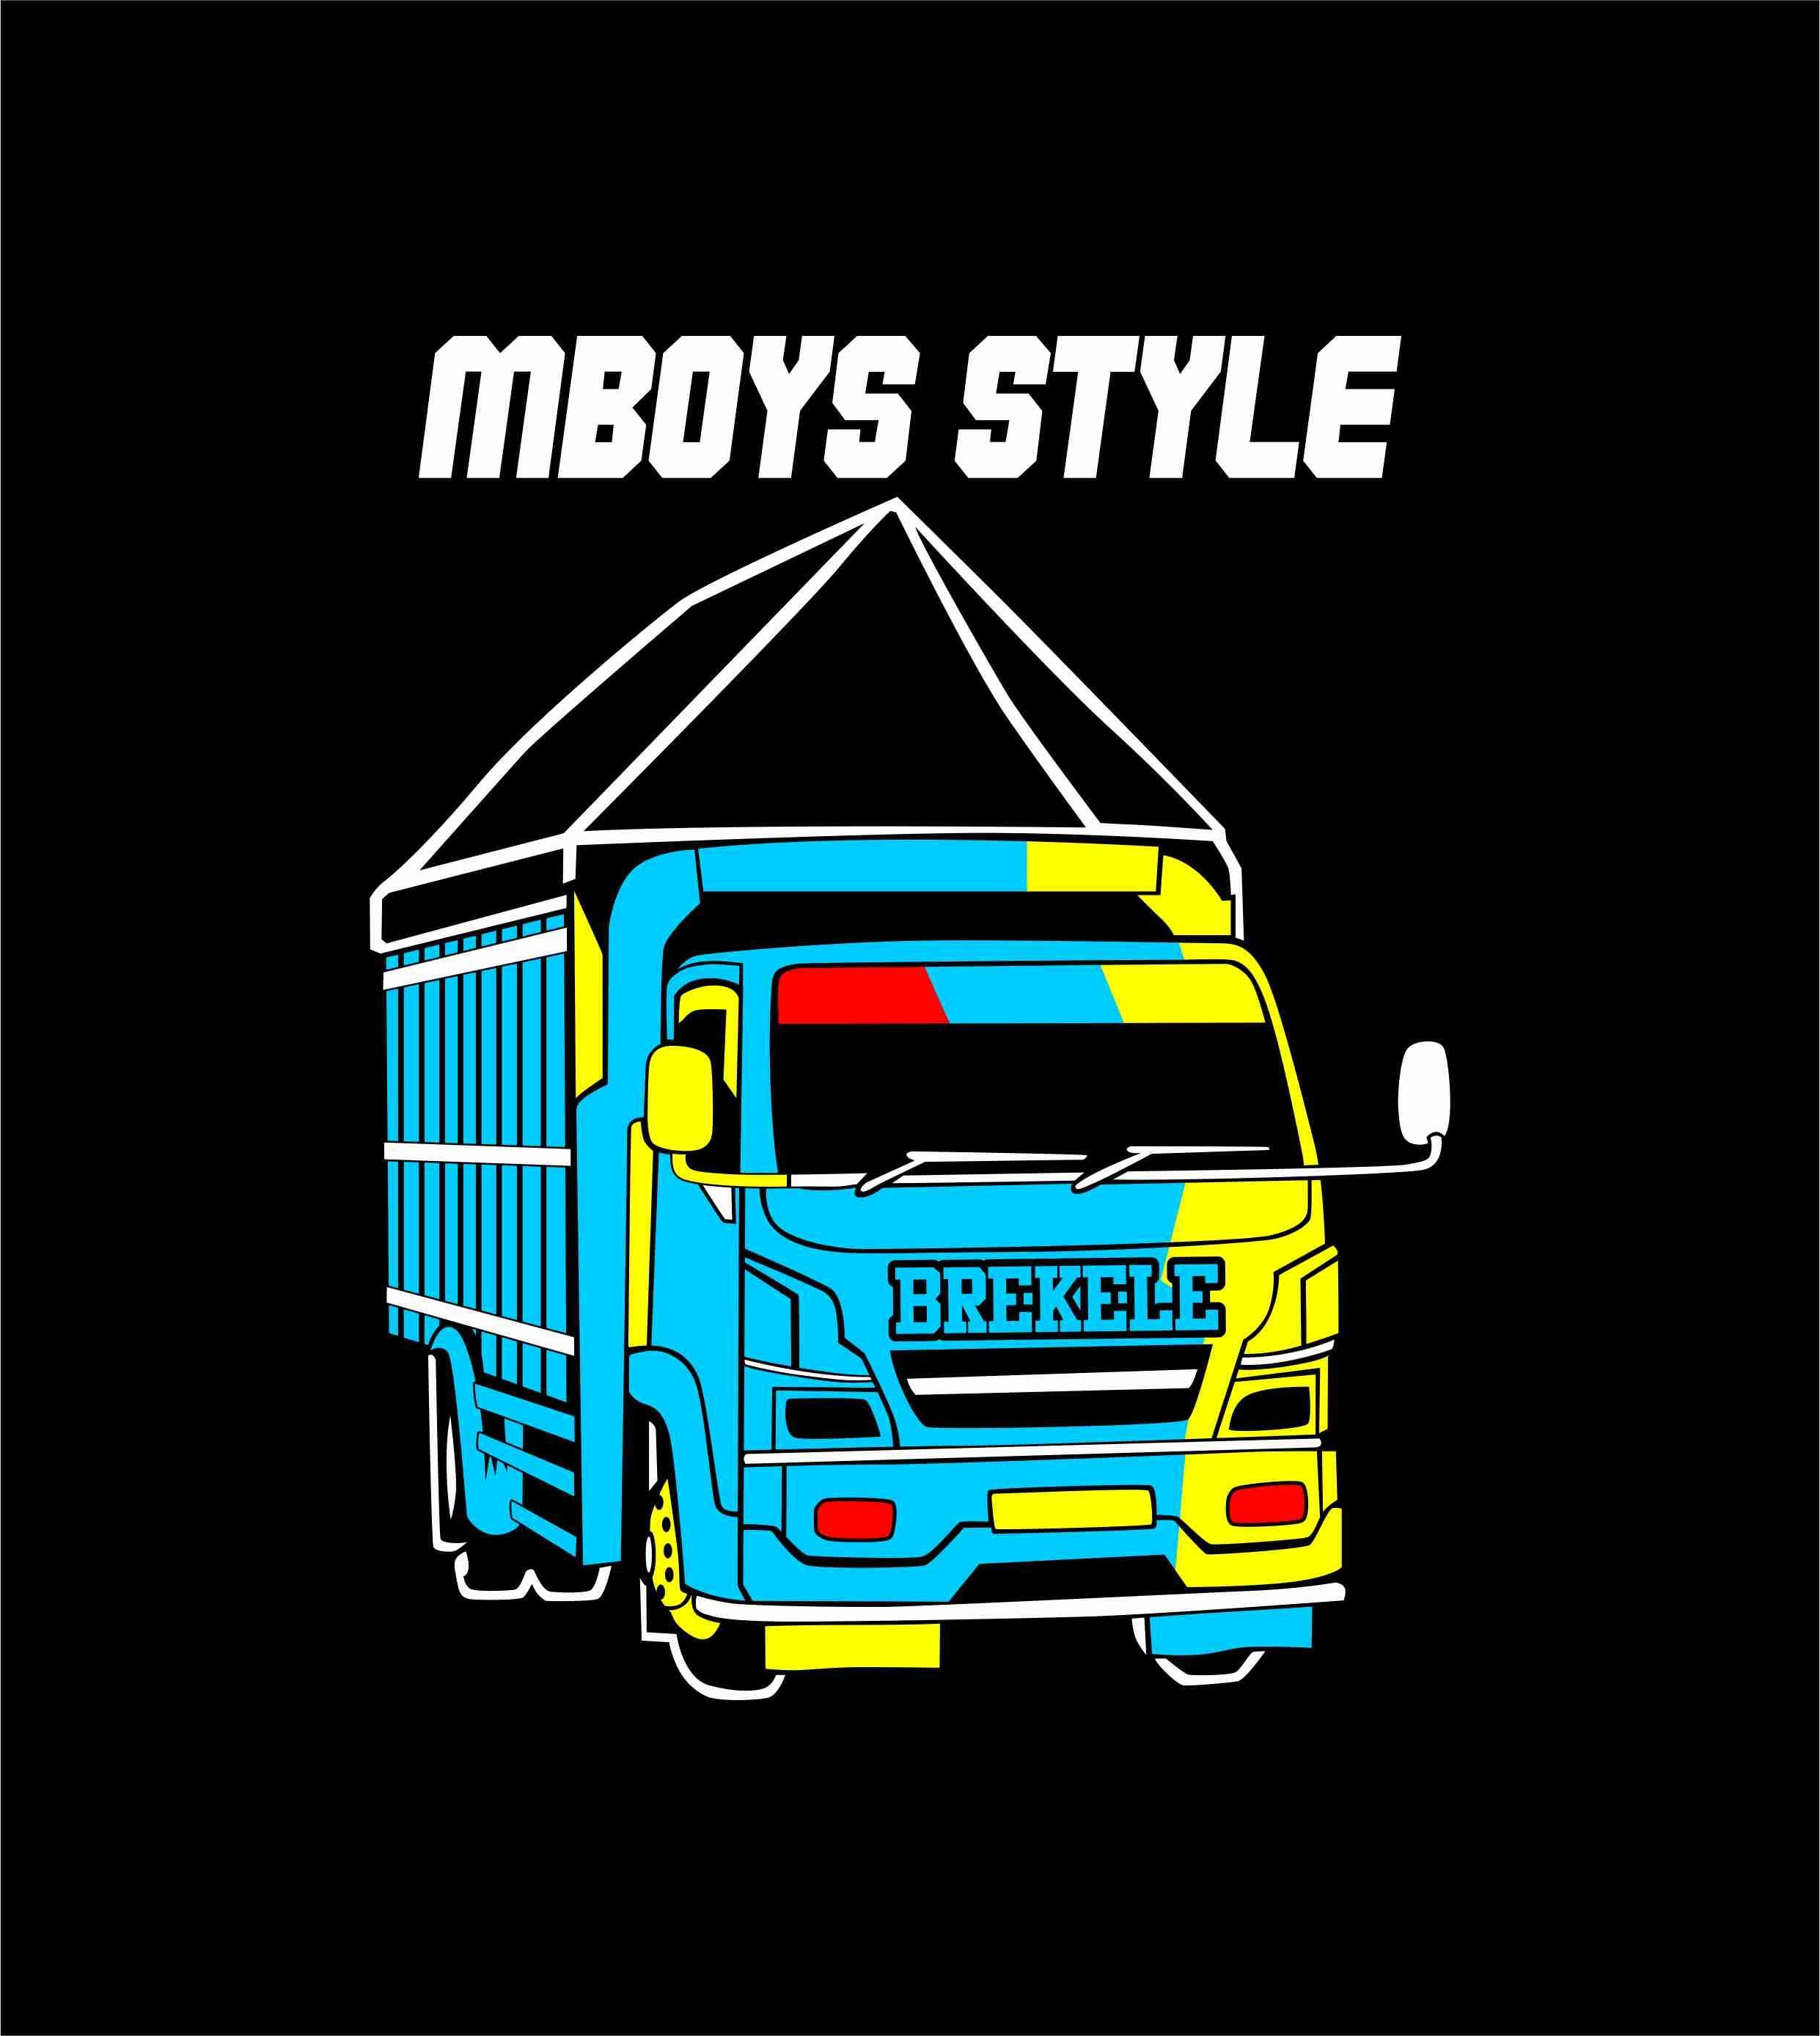 Truk Vector Mboys Style Desain Hiasan